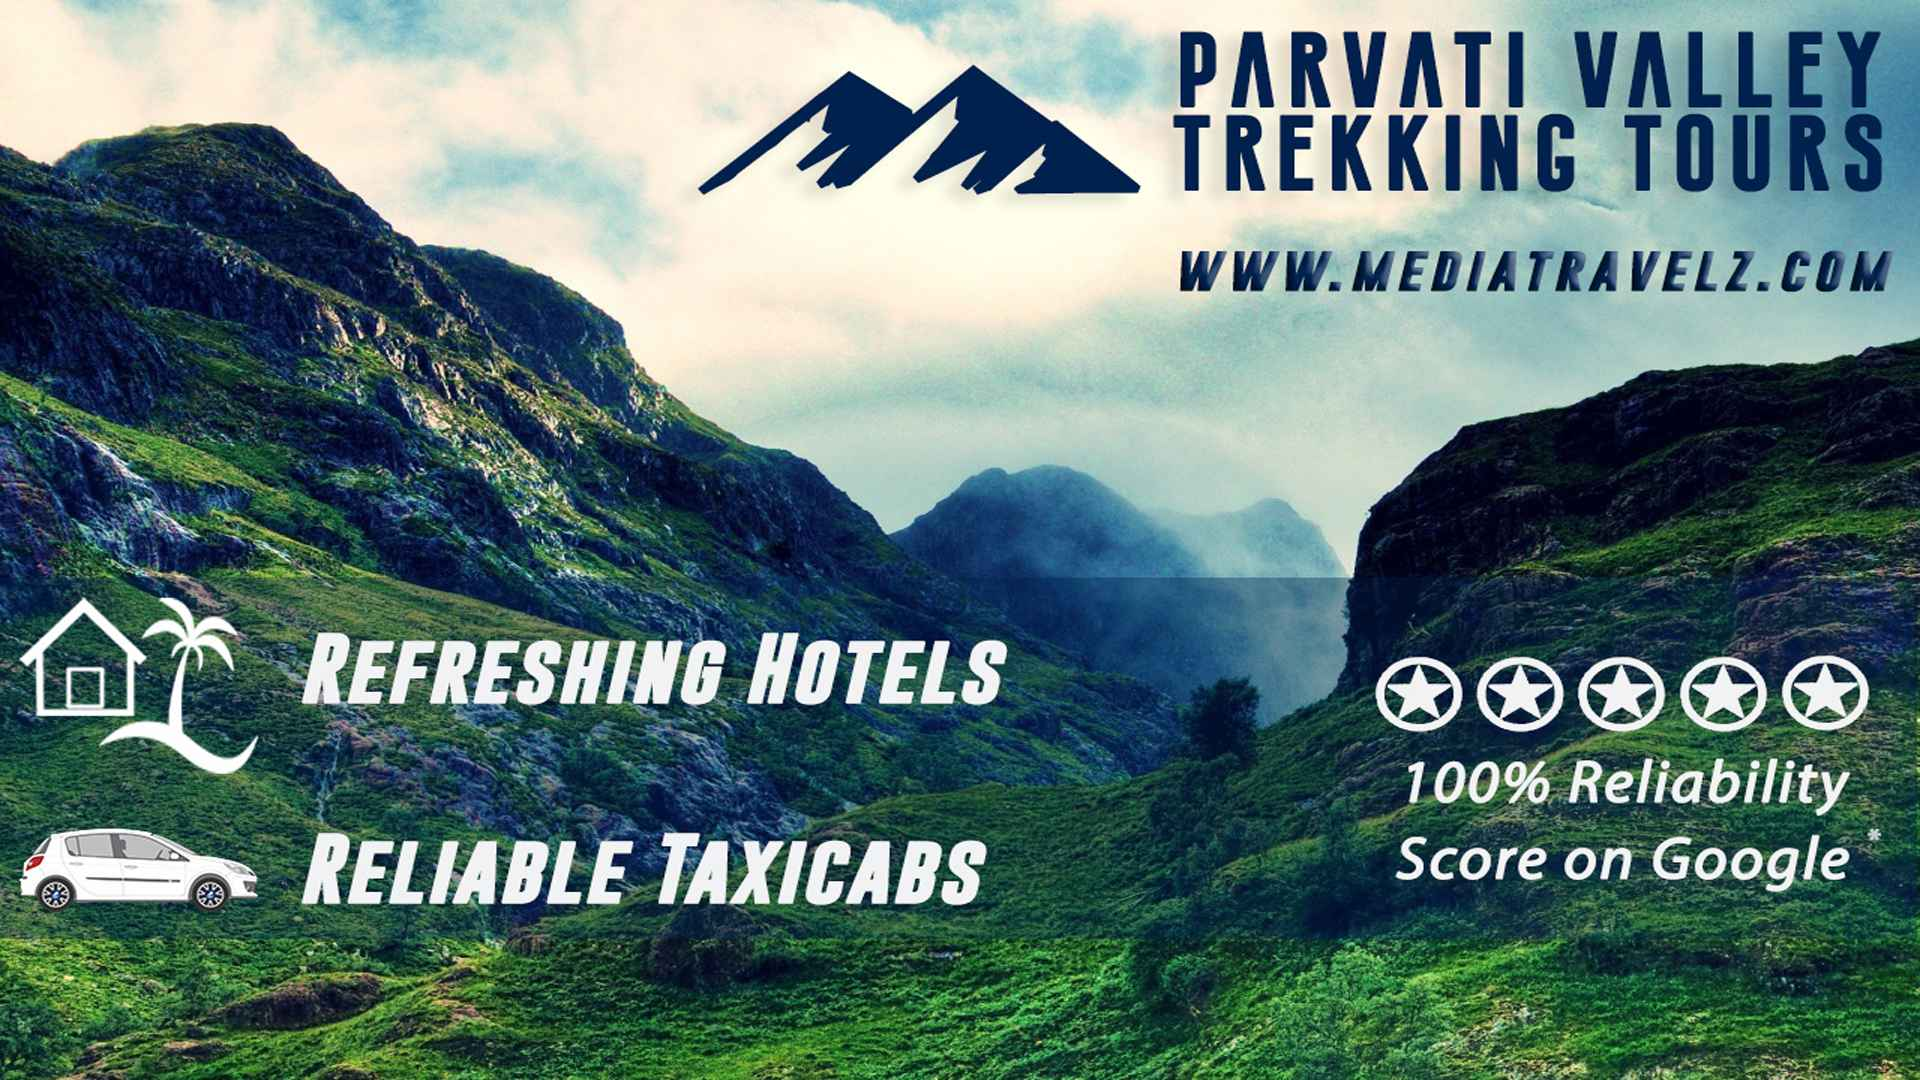 parvati valley trekking tours by mediatravelz